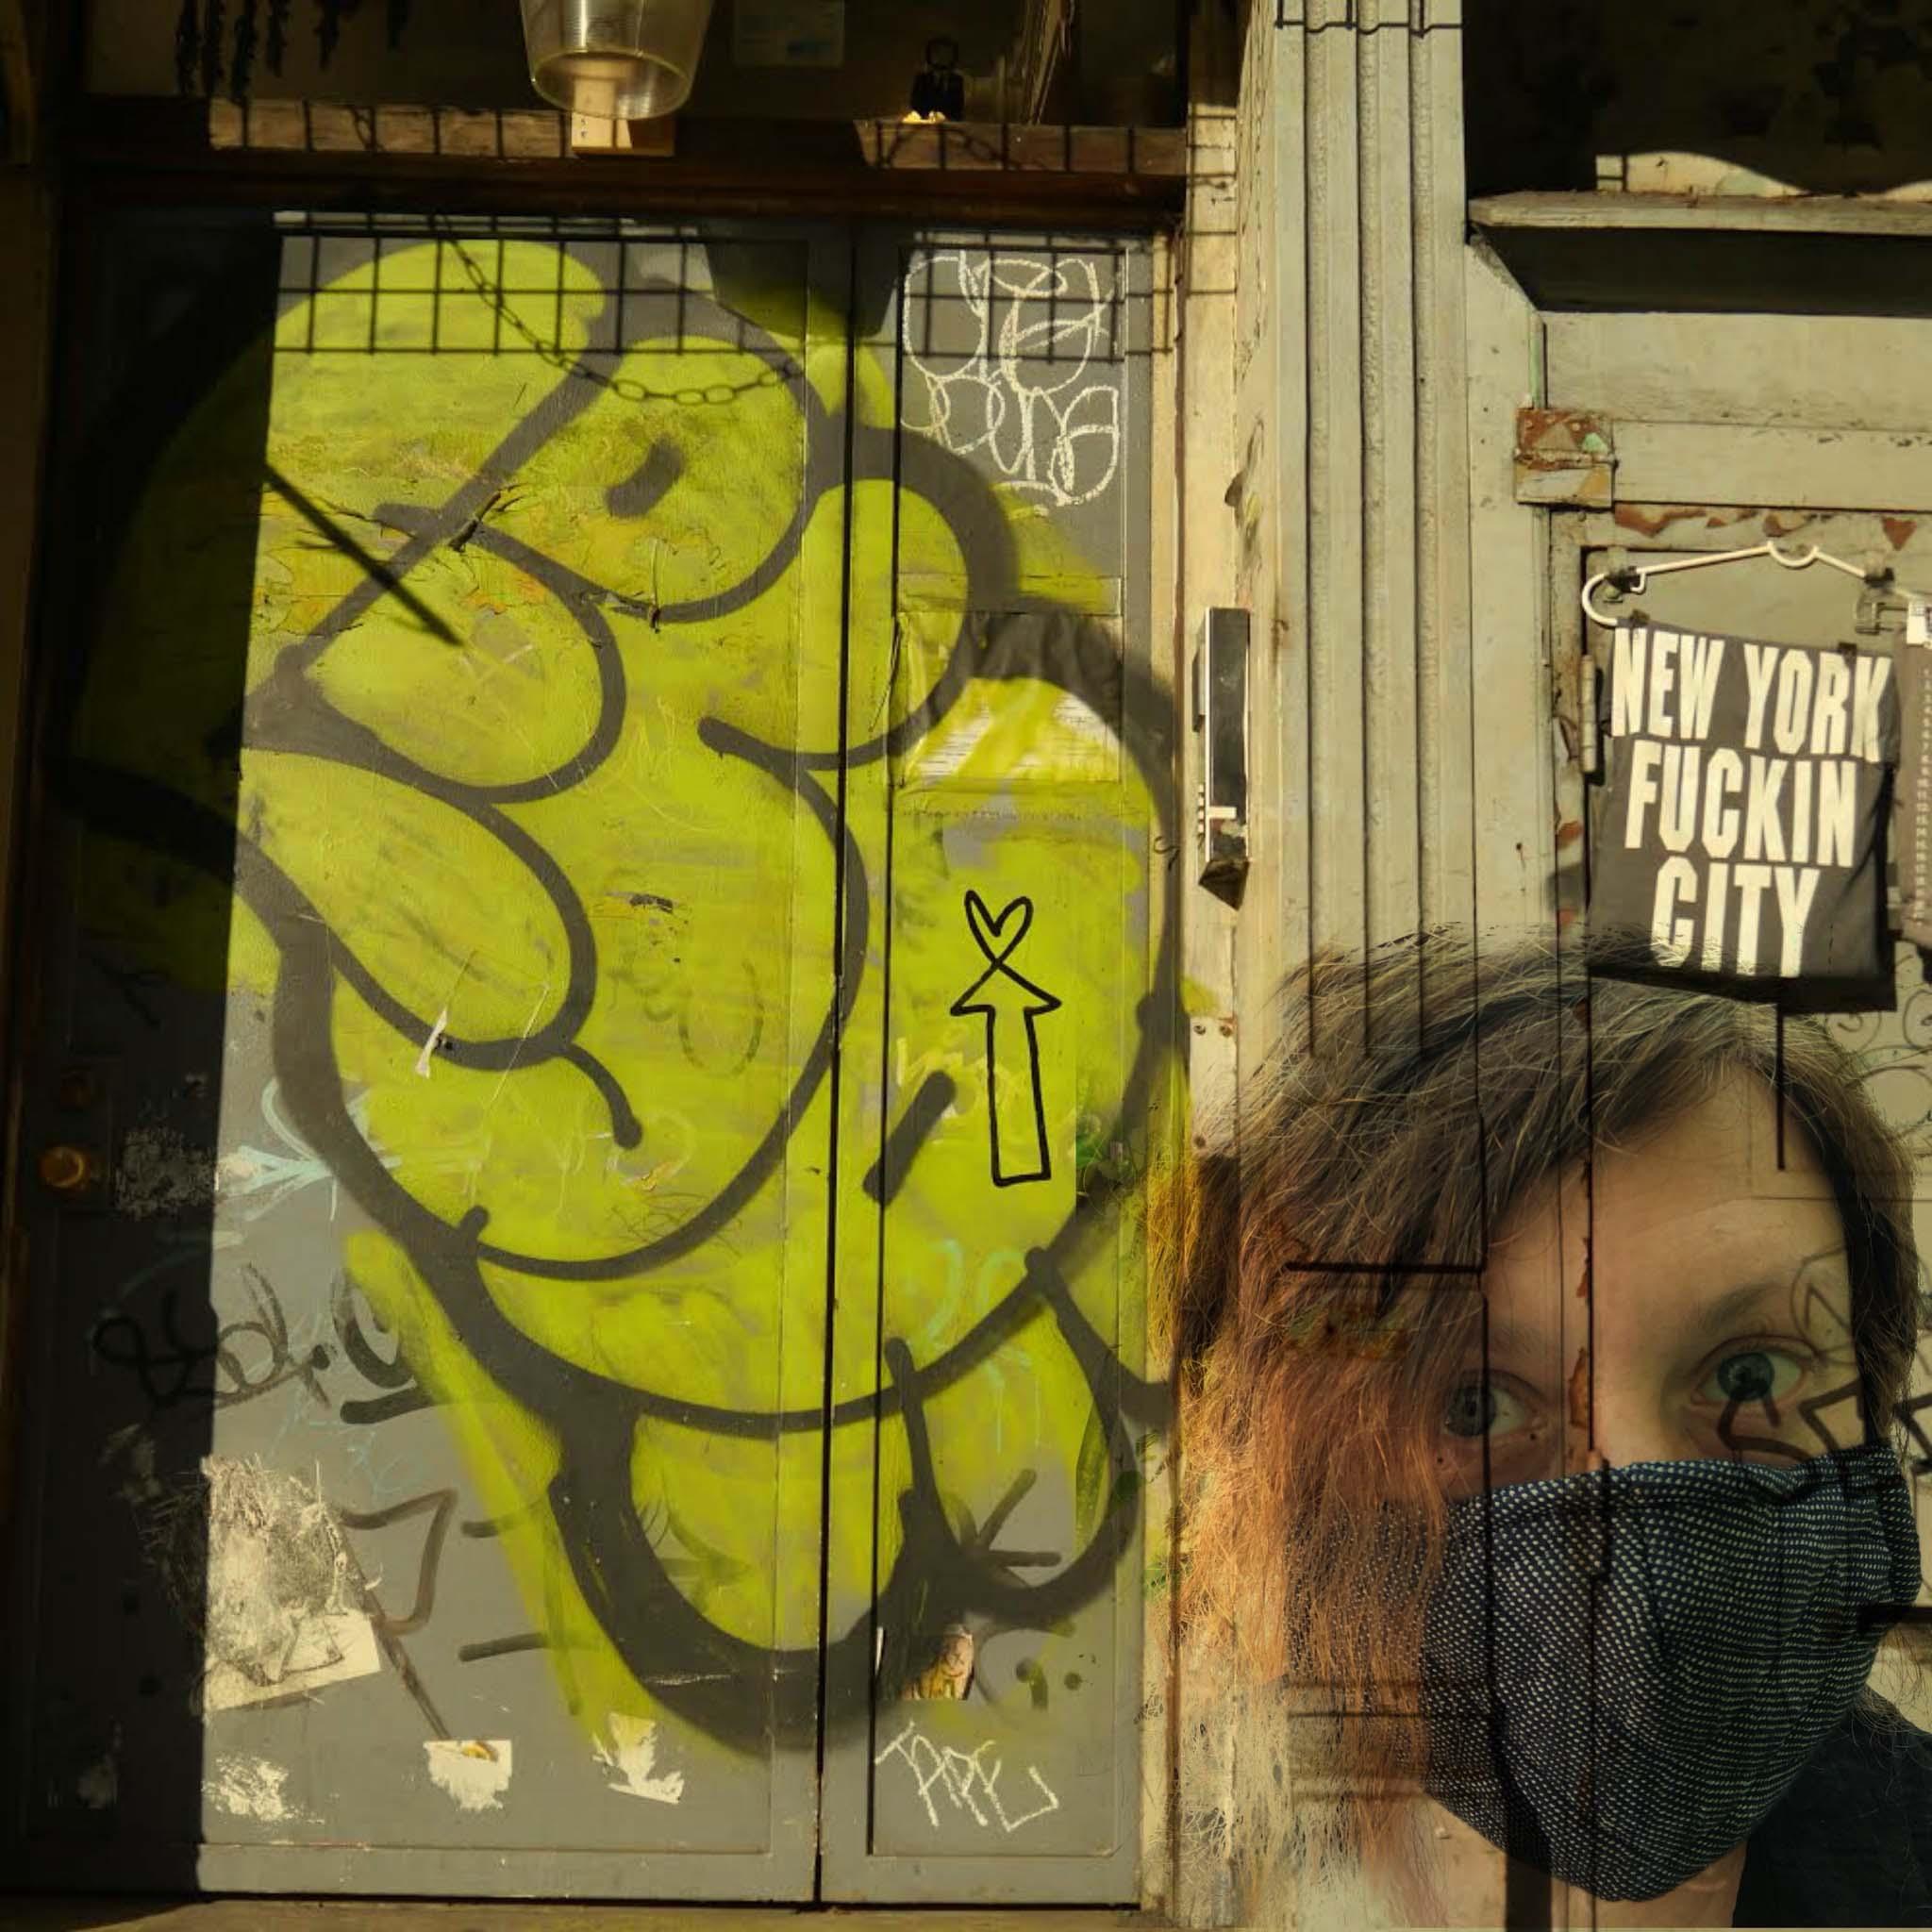 9.-NY-F-City